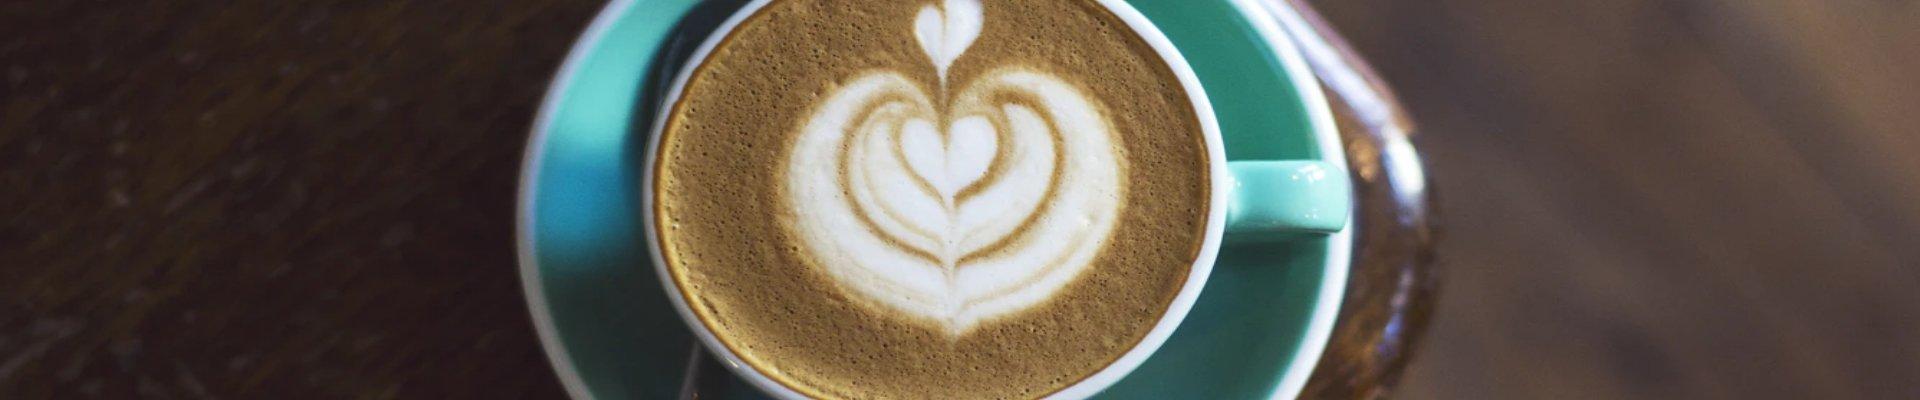 macchina da caffè un regalo perfetto